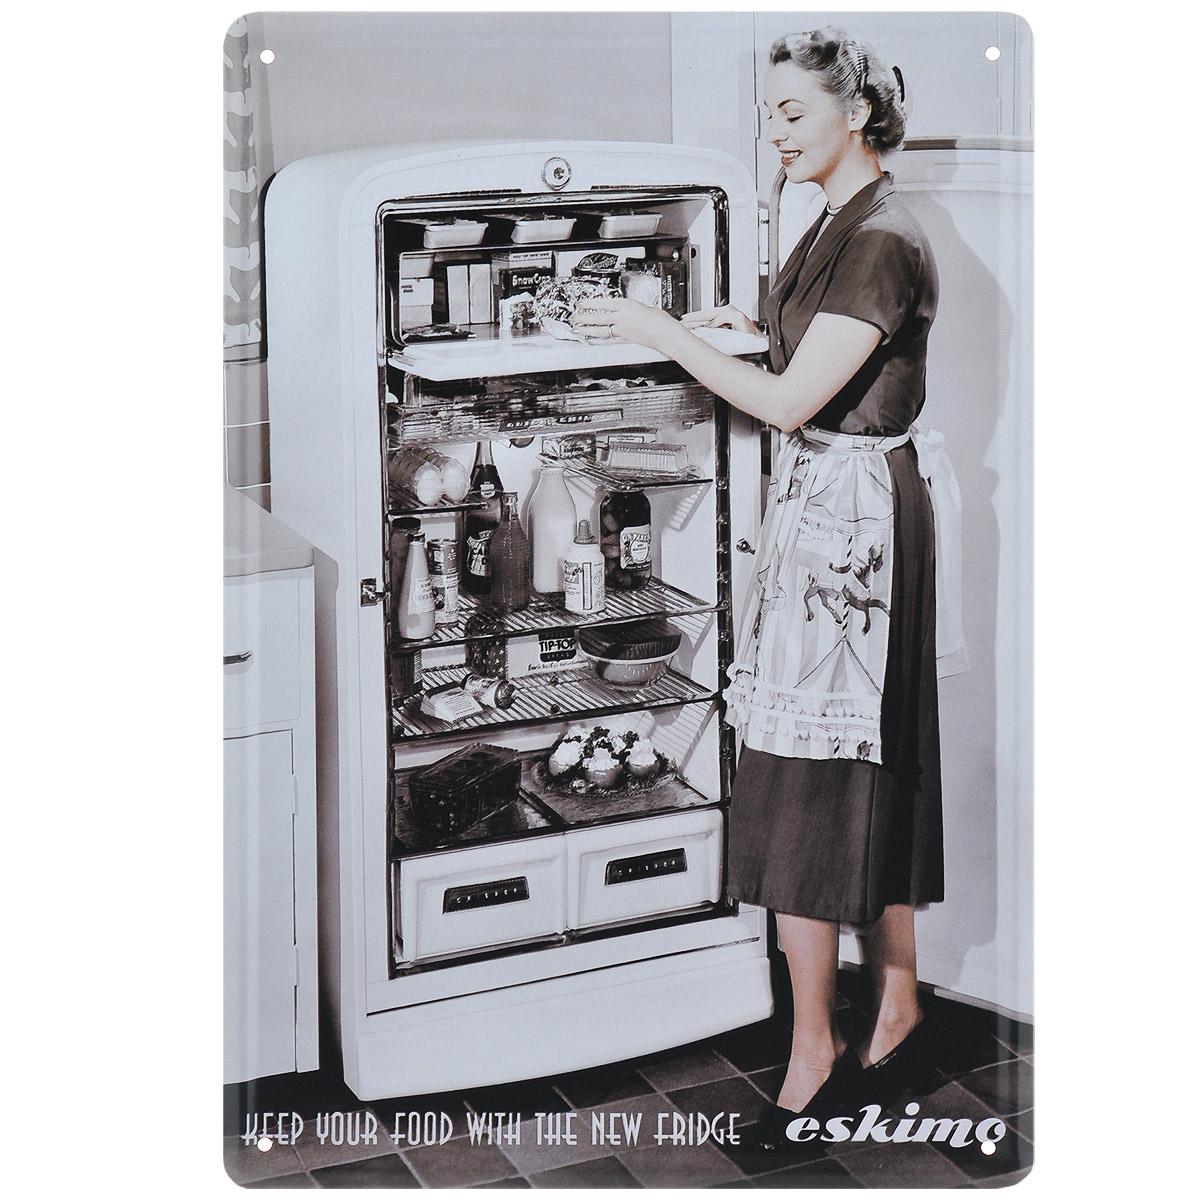 Постер Феникс-презент Холодильник, 20 х 30 см37433Постер Феникс-презент Холодильник выполнен из черного металла. На постере изображена девушка у открытого холодильника. Постер заинтересует всех любителей оригинальных вещиц и доставит массу положительных эмоций своему обладателю. Картина для интерьера (постер) - современное и актуальное направление в дизайне любых помещений. Постер может использоваться для оформления любых интерьеров: - дом, квартира (гостиная, спальня, кухня); - офис (комната переговоров, холл, кабинет); - бар, кафе, ресторан или гостиница. Из мелочей складывается стиль интерьера. Постер Феникс-презент Холодильник одна из тех деталей, которые придают интерьеру обжитой вид и создают ощущение уюта.